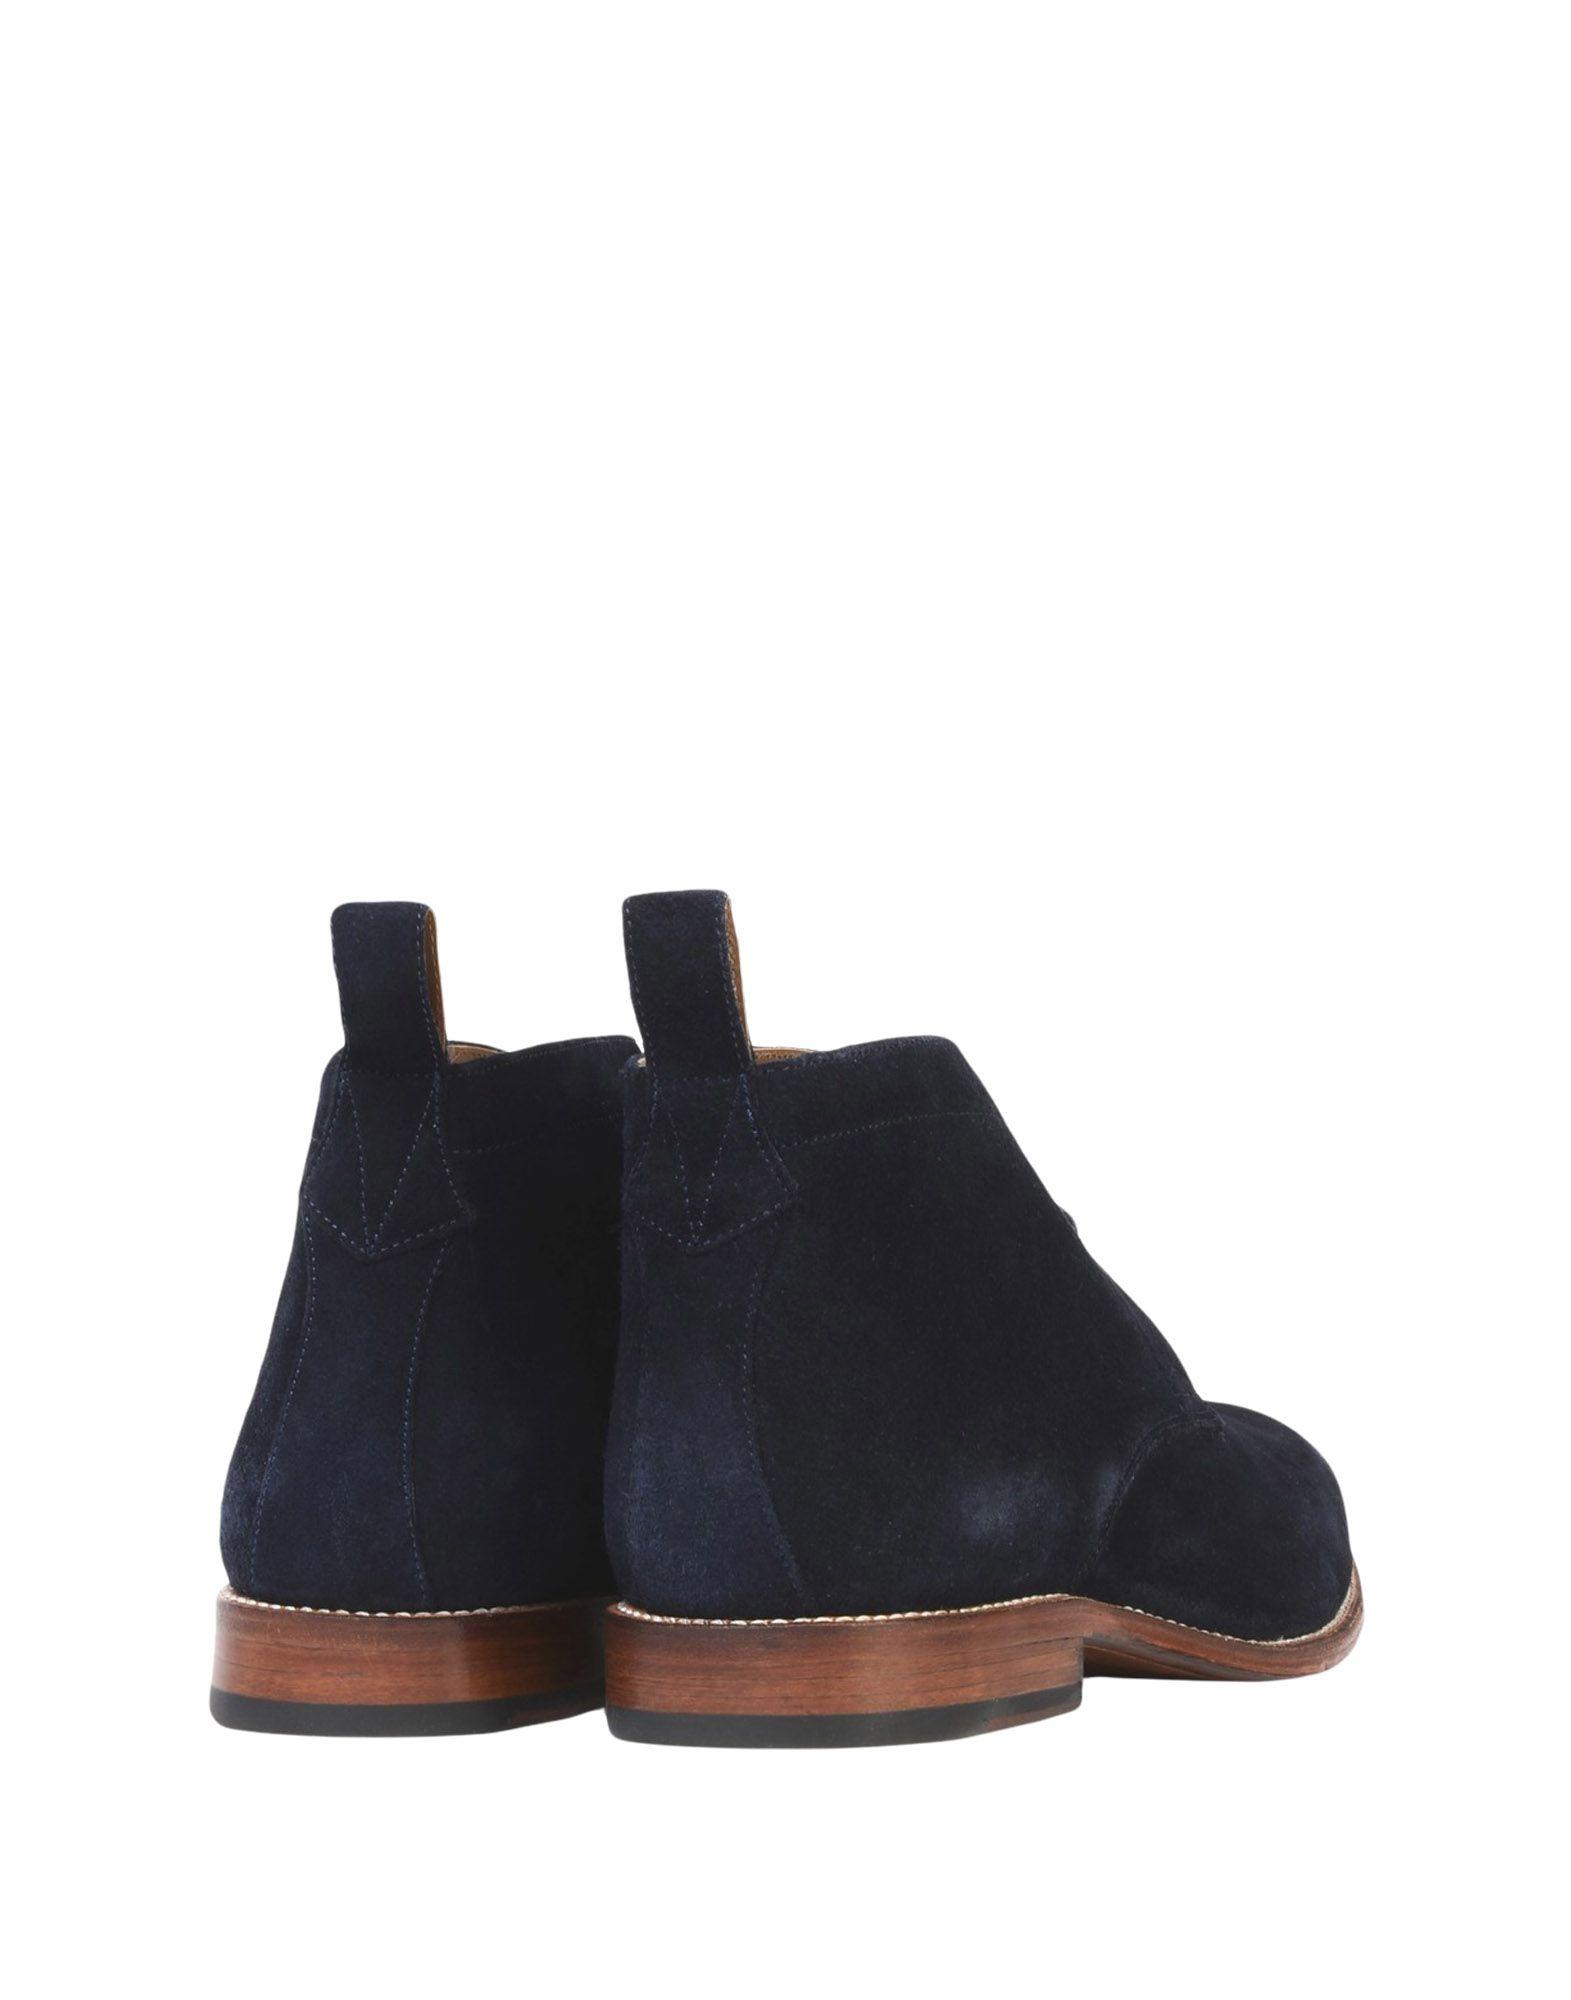 Grenson Stiefelette Qualität Herren  11178508LD Gute Qualität Stiefelette beliebte Schuhe 430de2